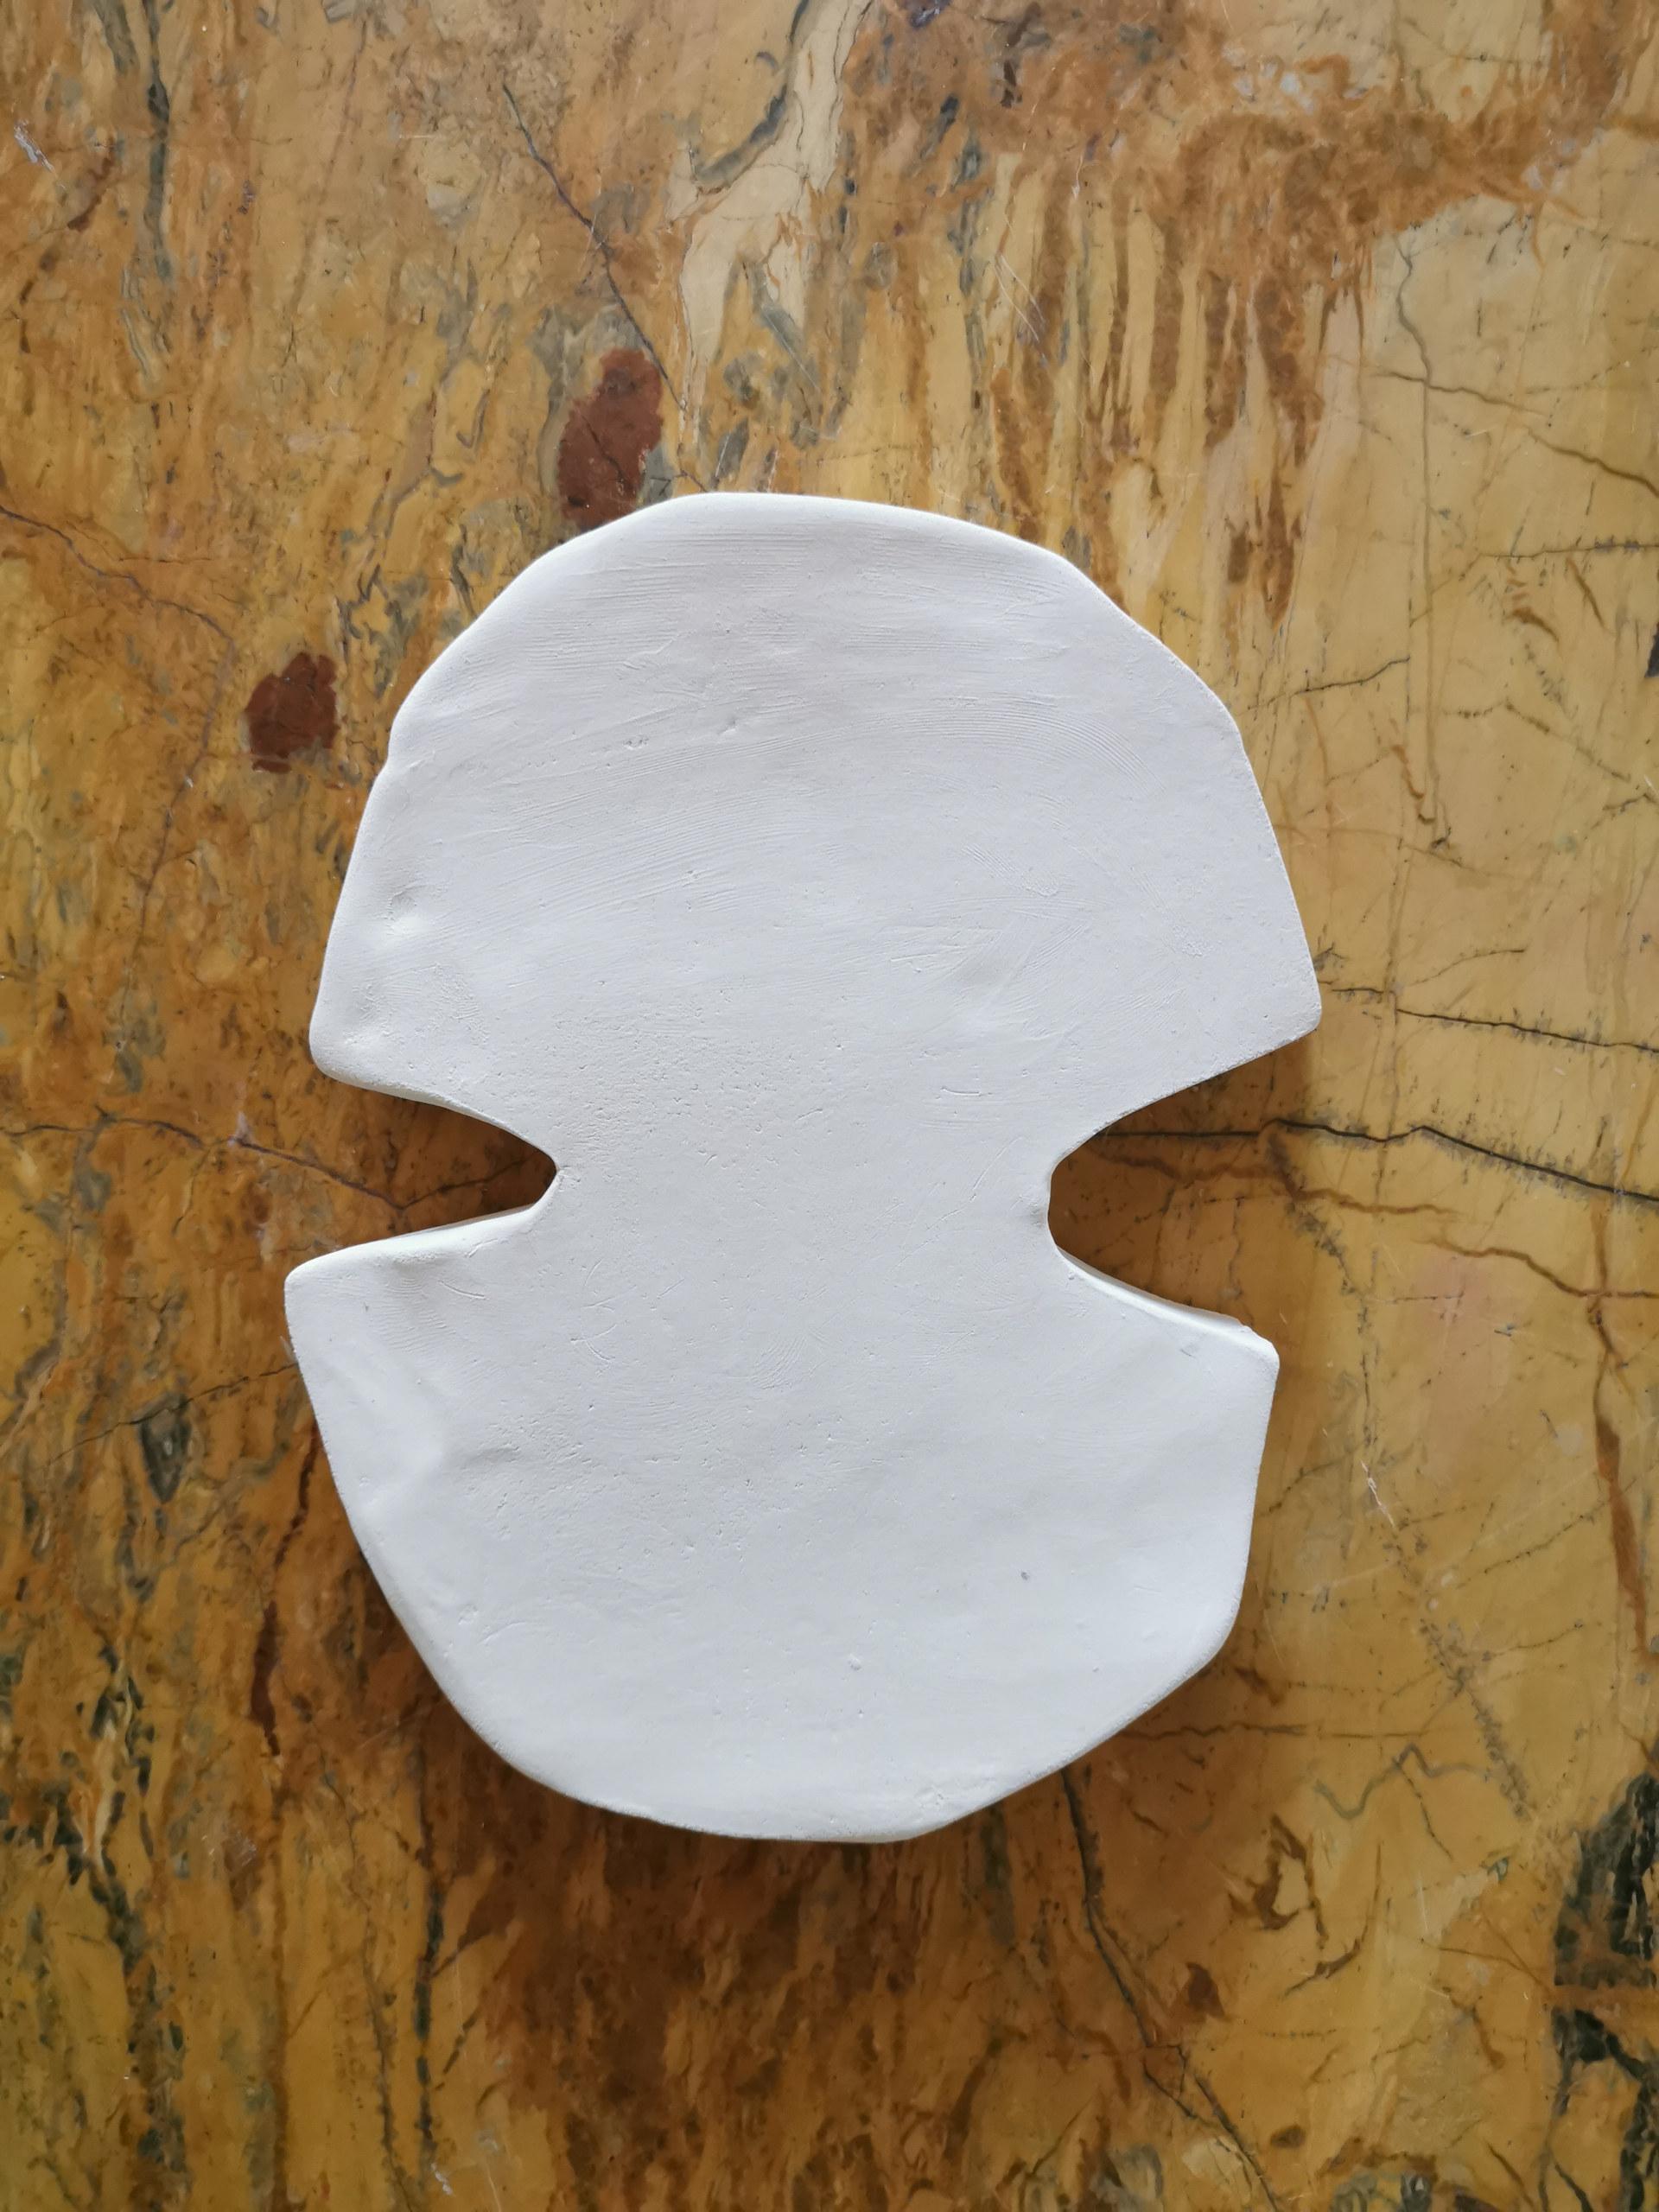 Forme fertile #16, 2020, faience blanche, 19x14 cm